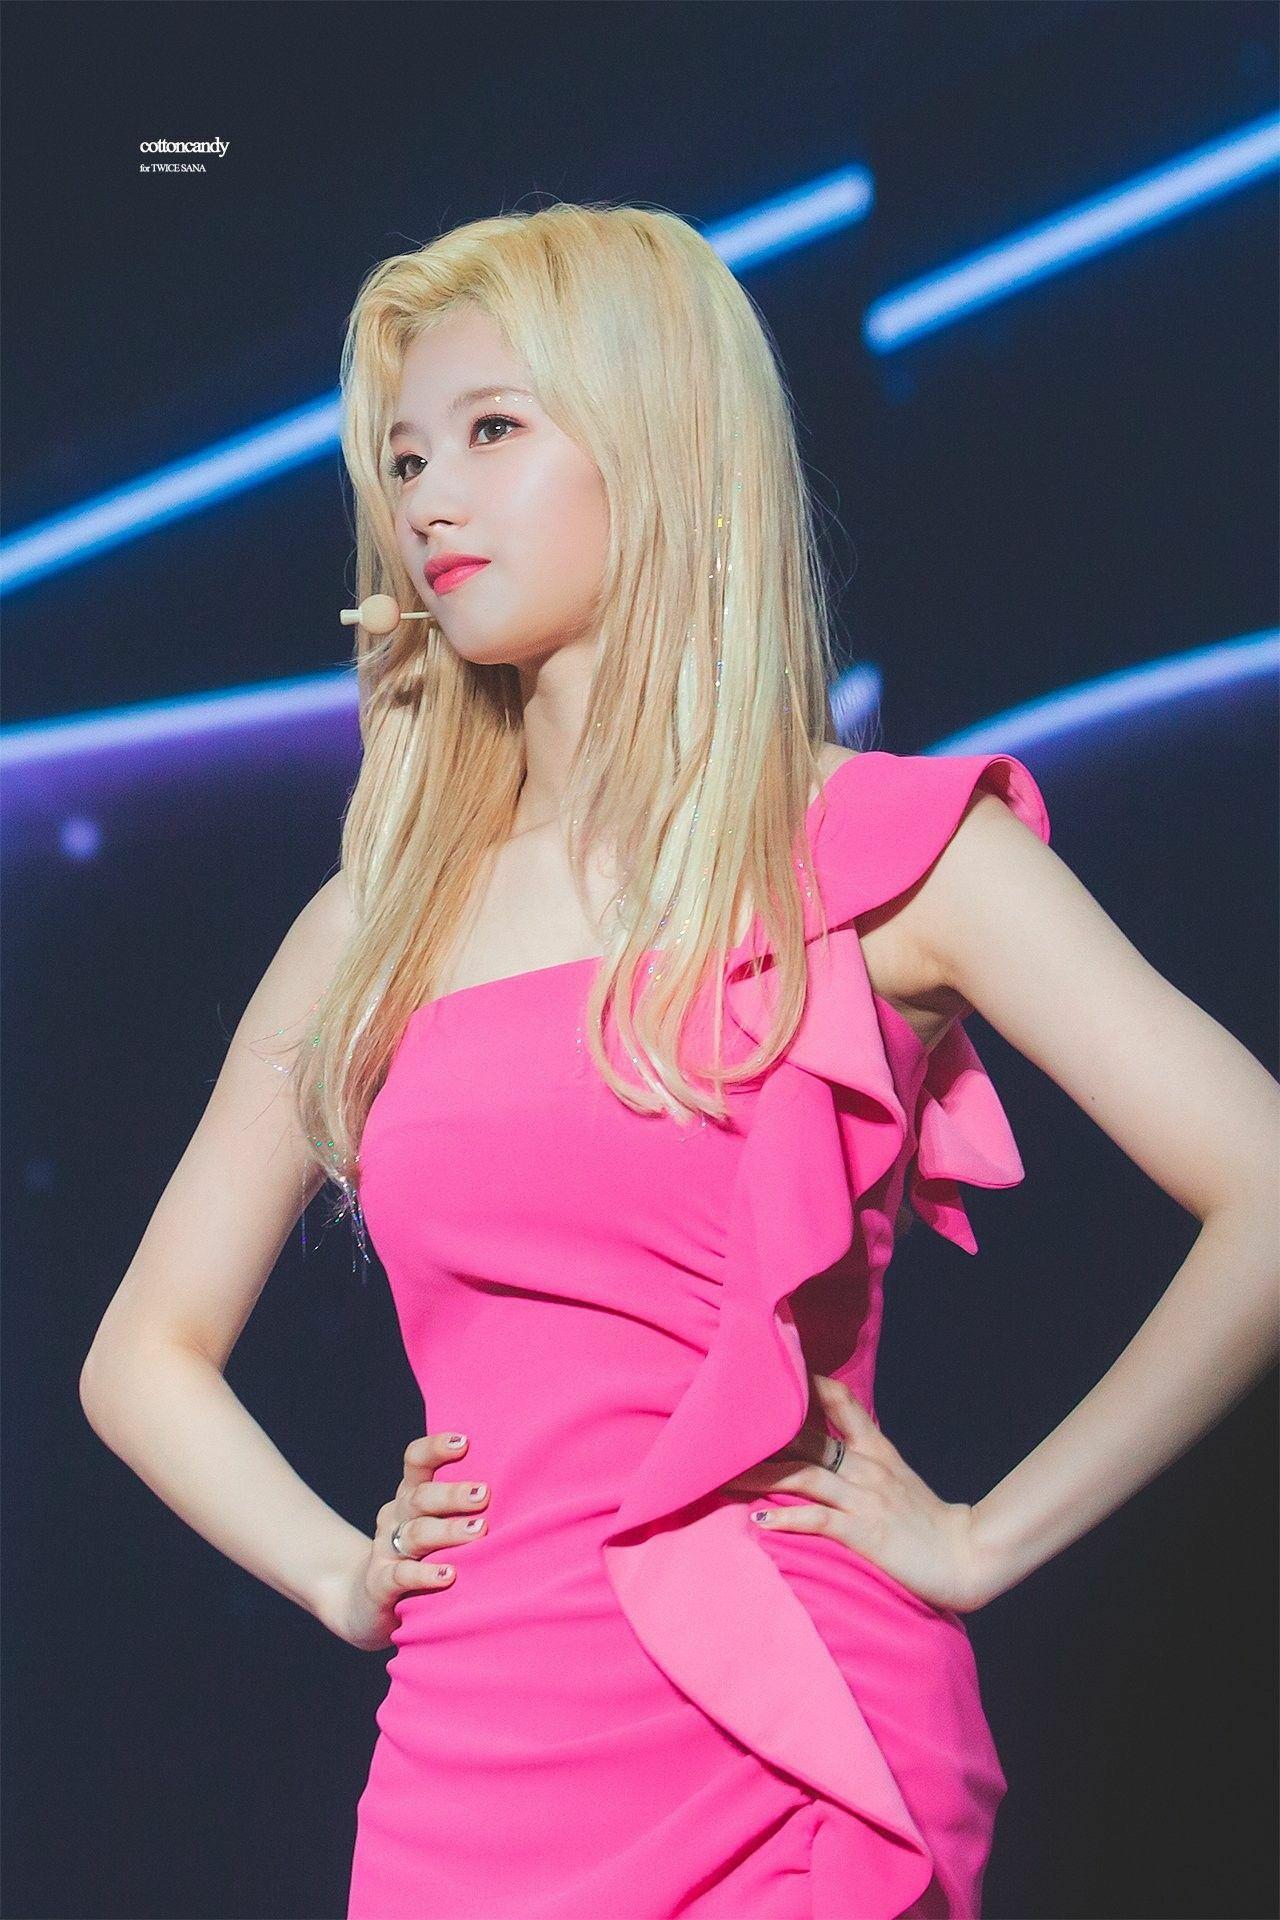 Nếu chung một lớp, những girlgroup Kpop sẽ là mẫu nữ sinh nào? - Ảnh 1